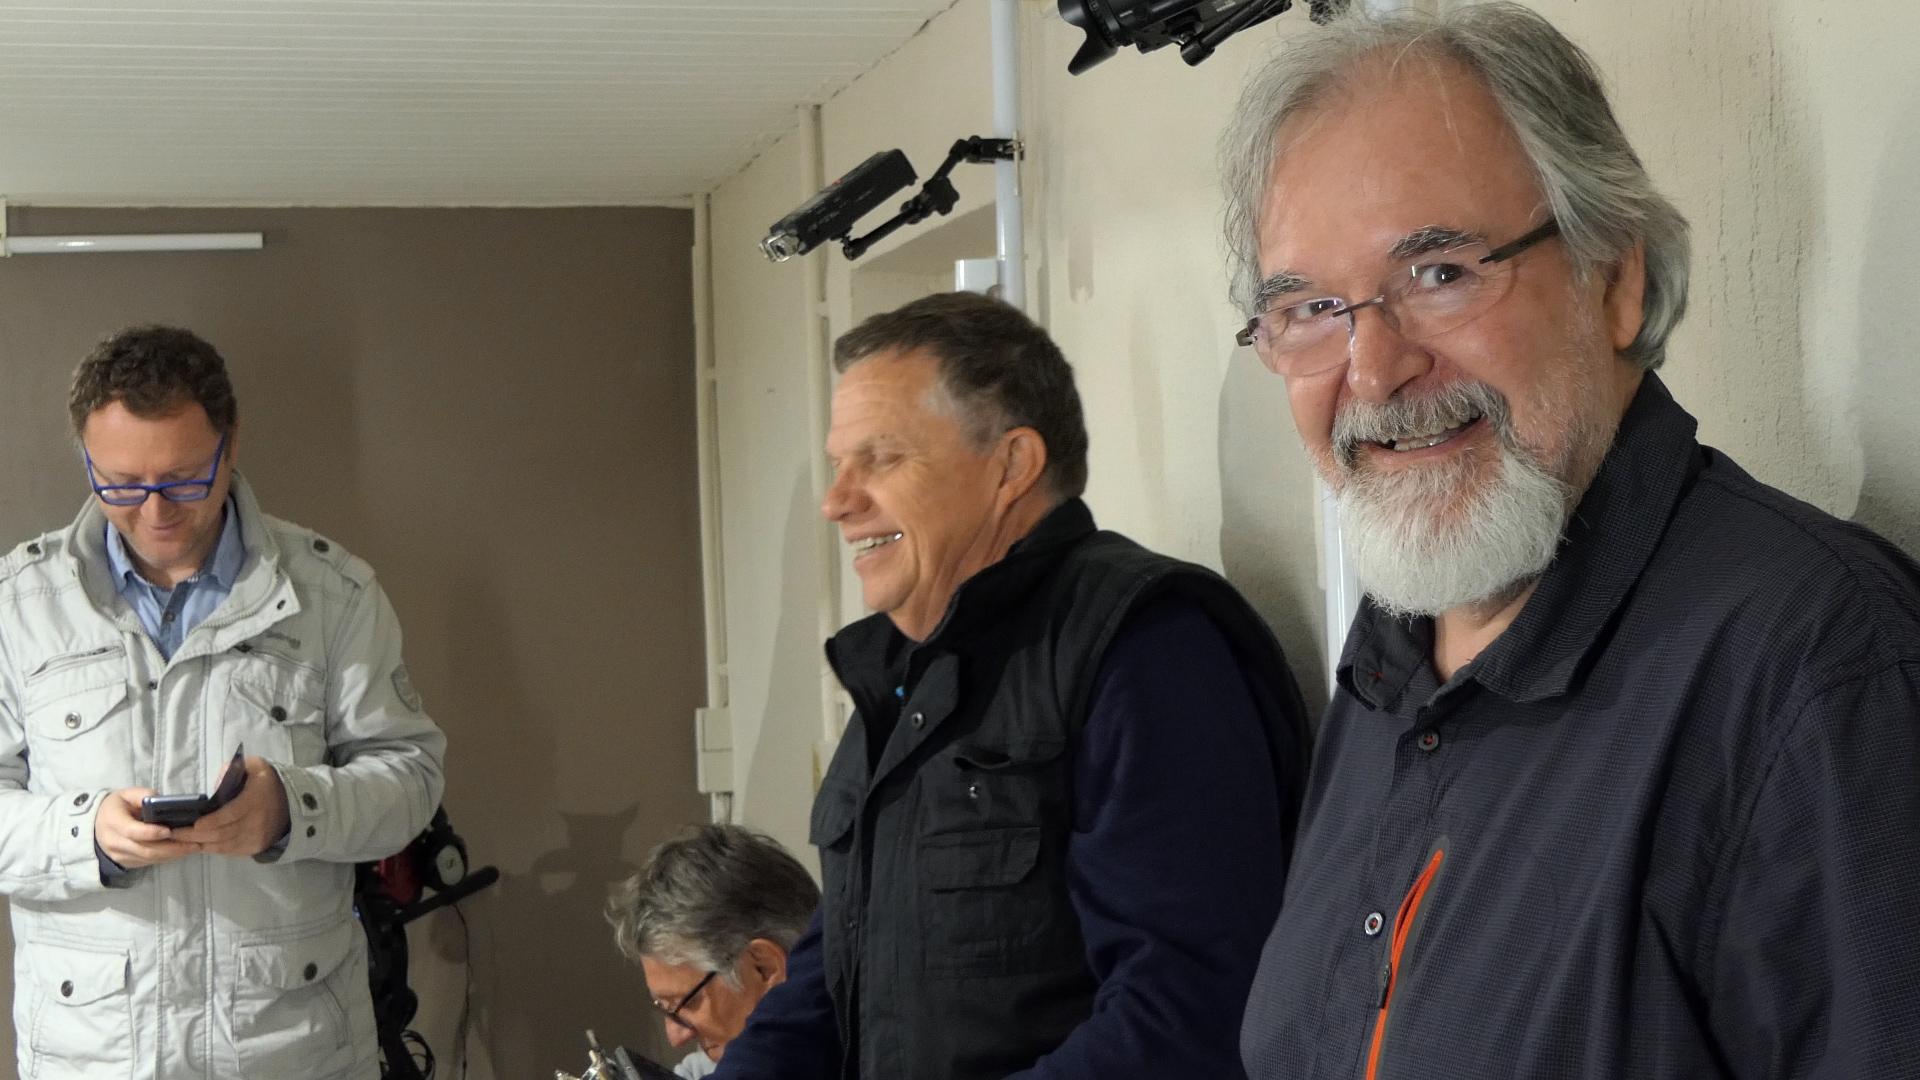 Tontons cadreurs tournage polar00